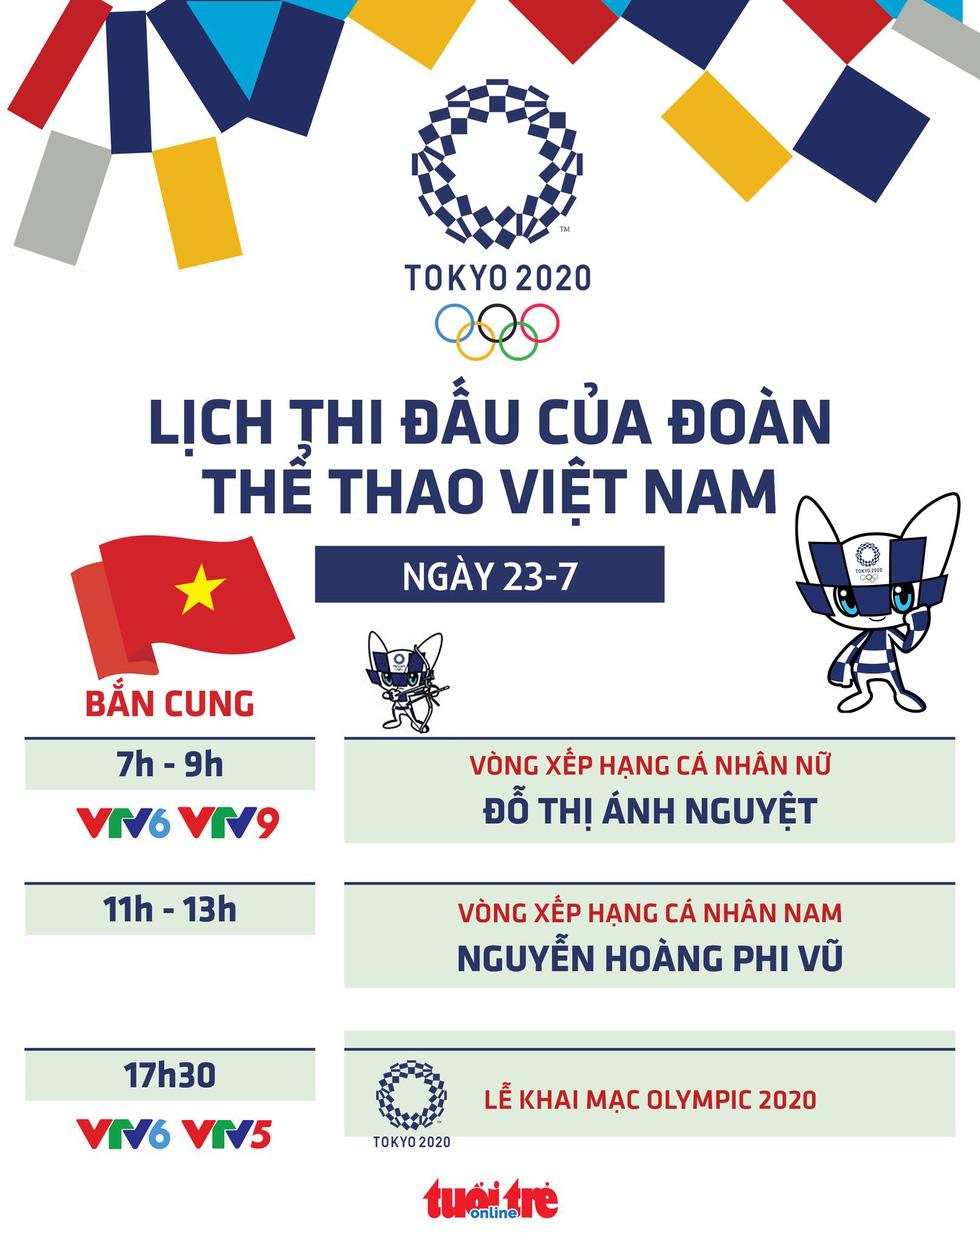 Lịch thi đấu ngày 23-7 của đoàn thể thao Việt Nam tại Olympic 2020 - Ảnh 1.